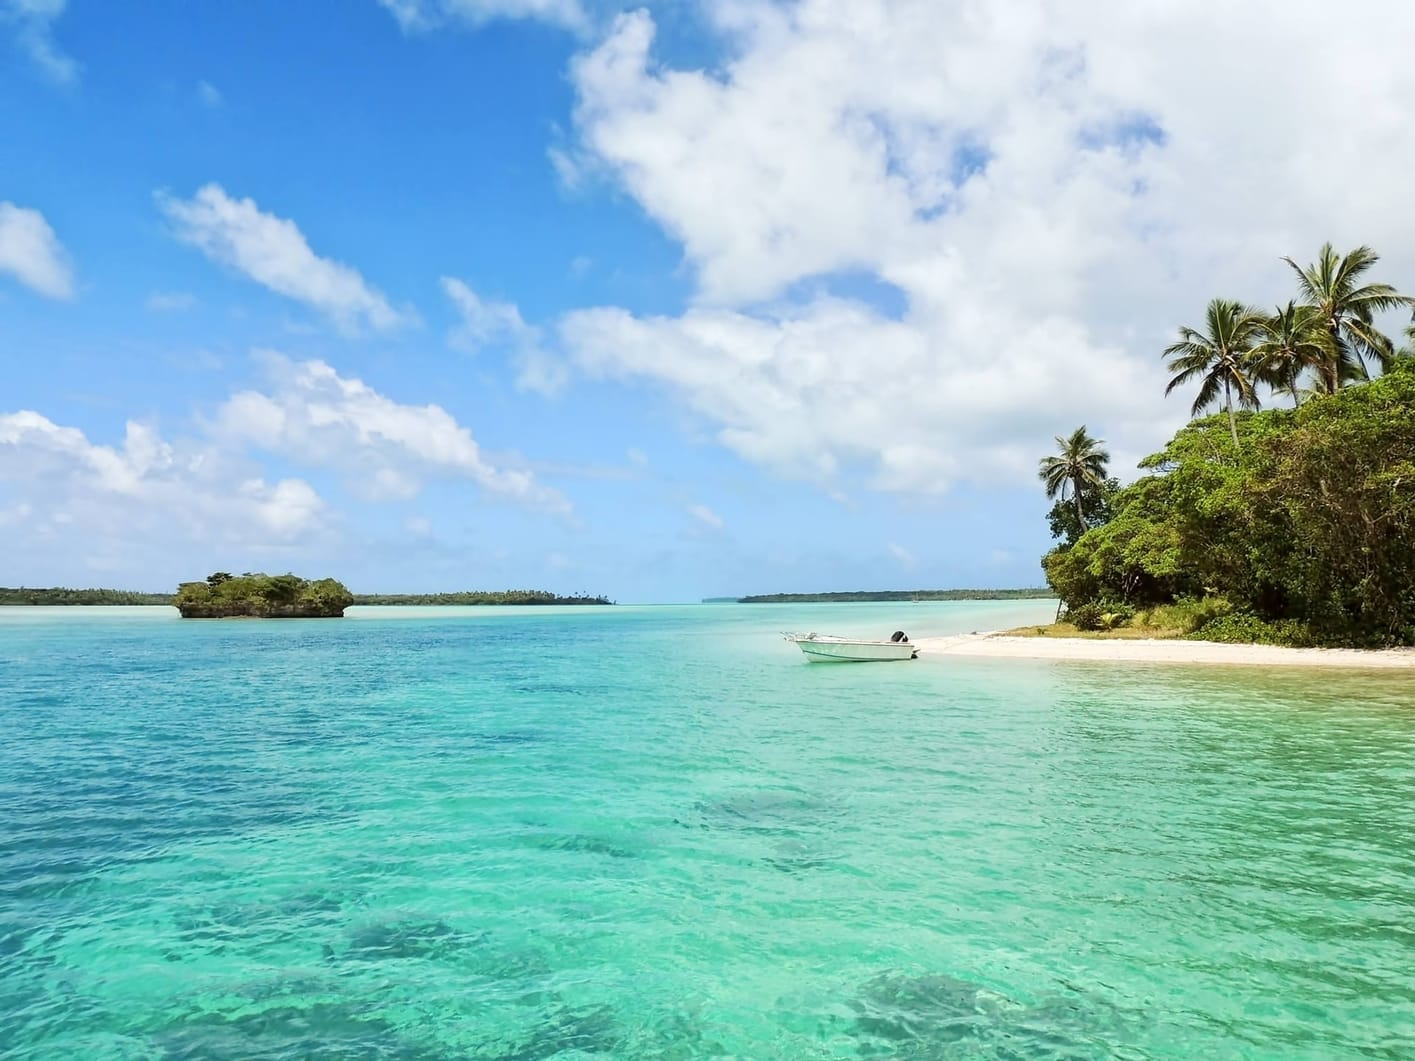 Jamaica Travel Insurance, travel insurance for a Jamaica trip